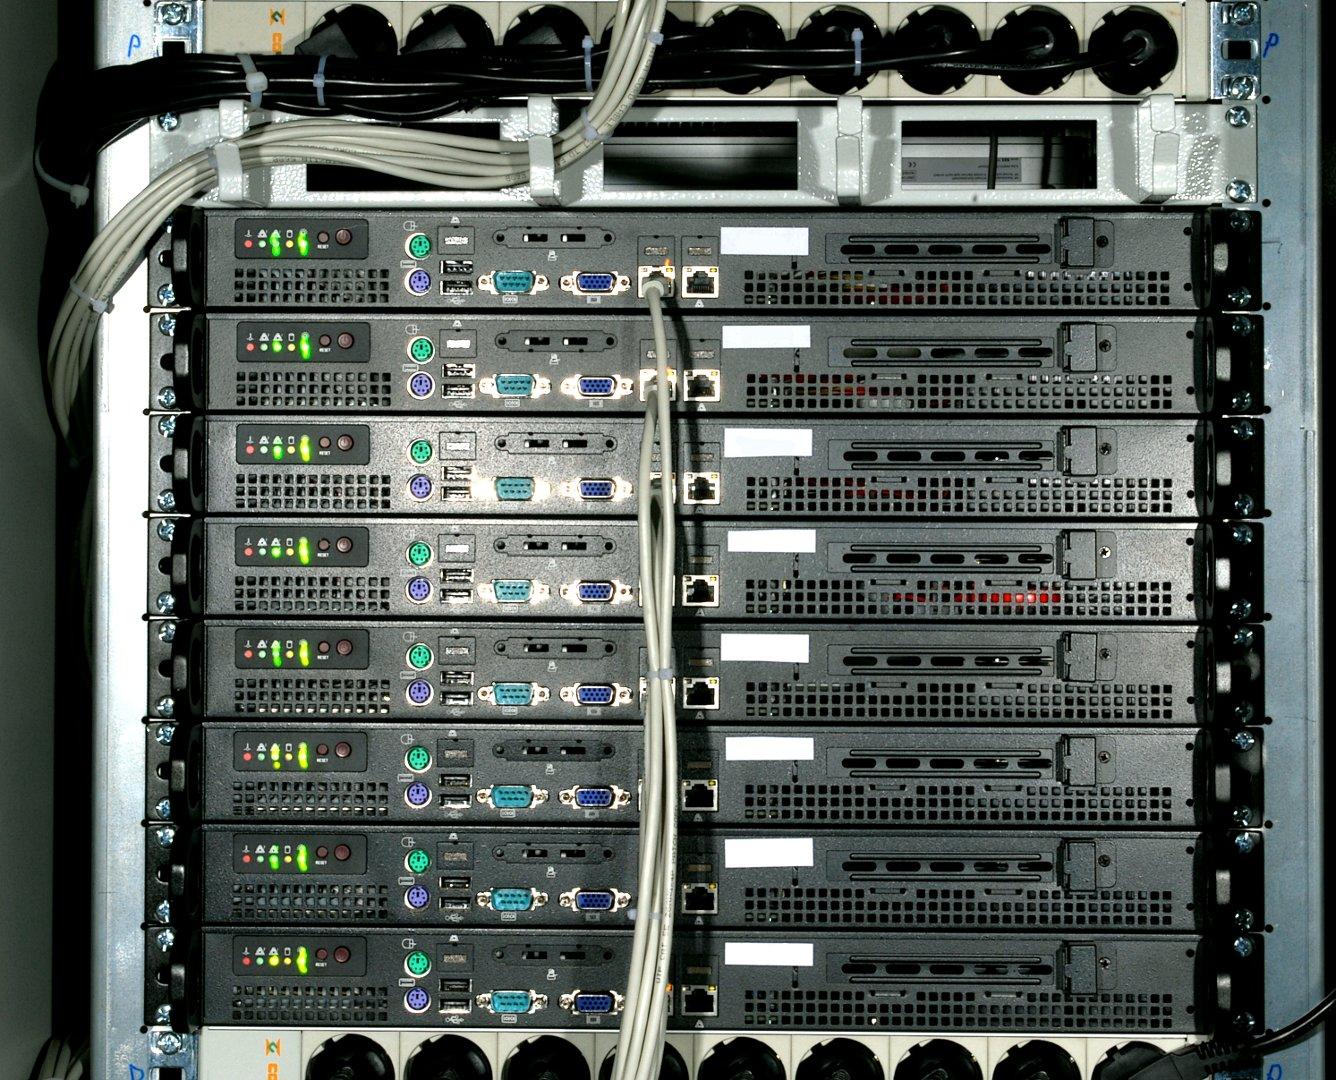 Хостинг-сервера на базе intel atom новые сервера вов 3.3.5